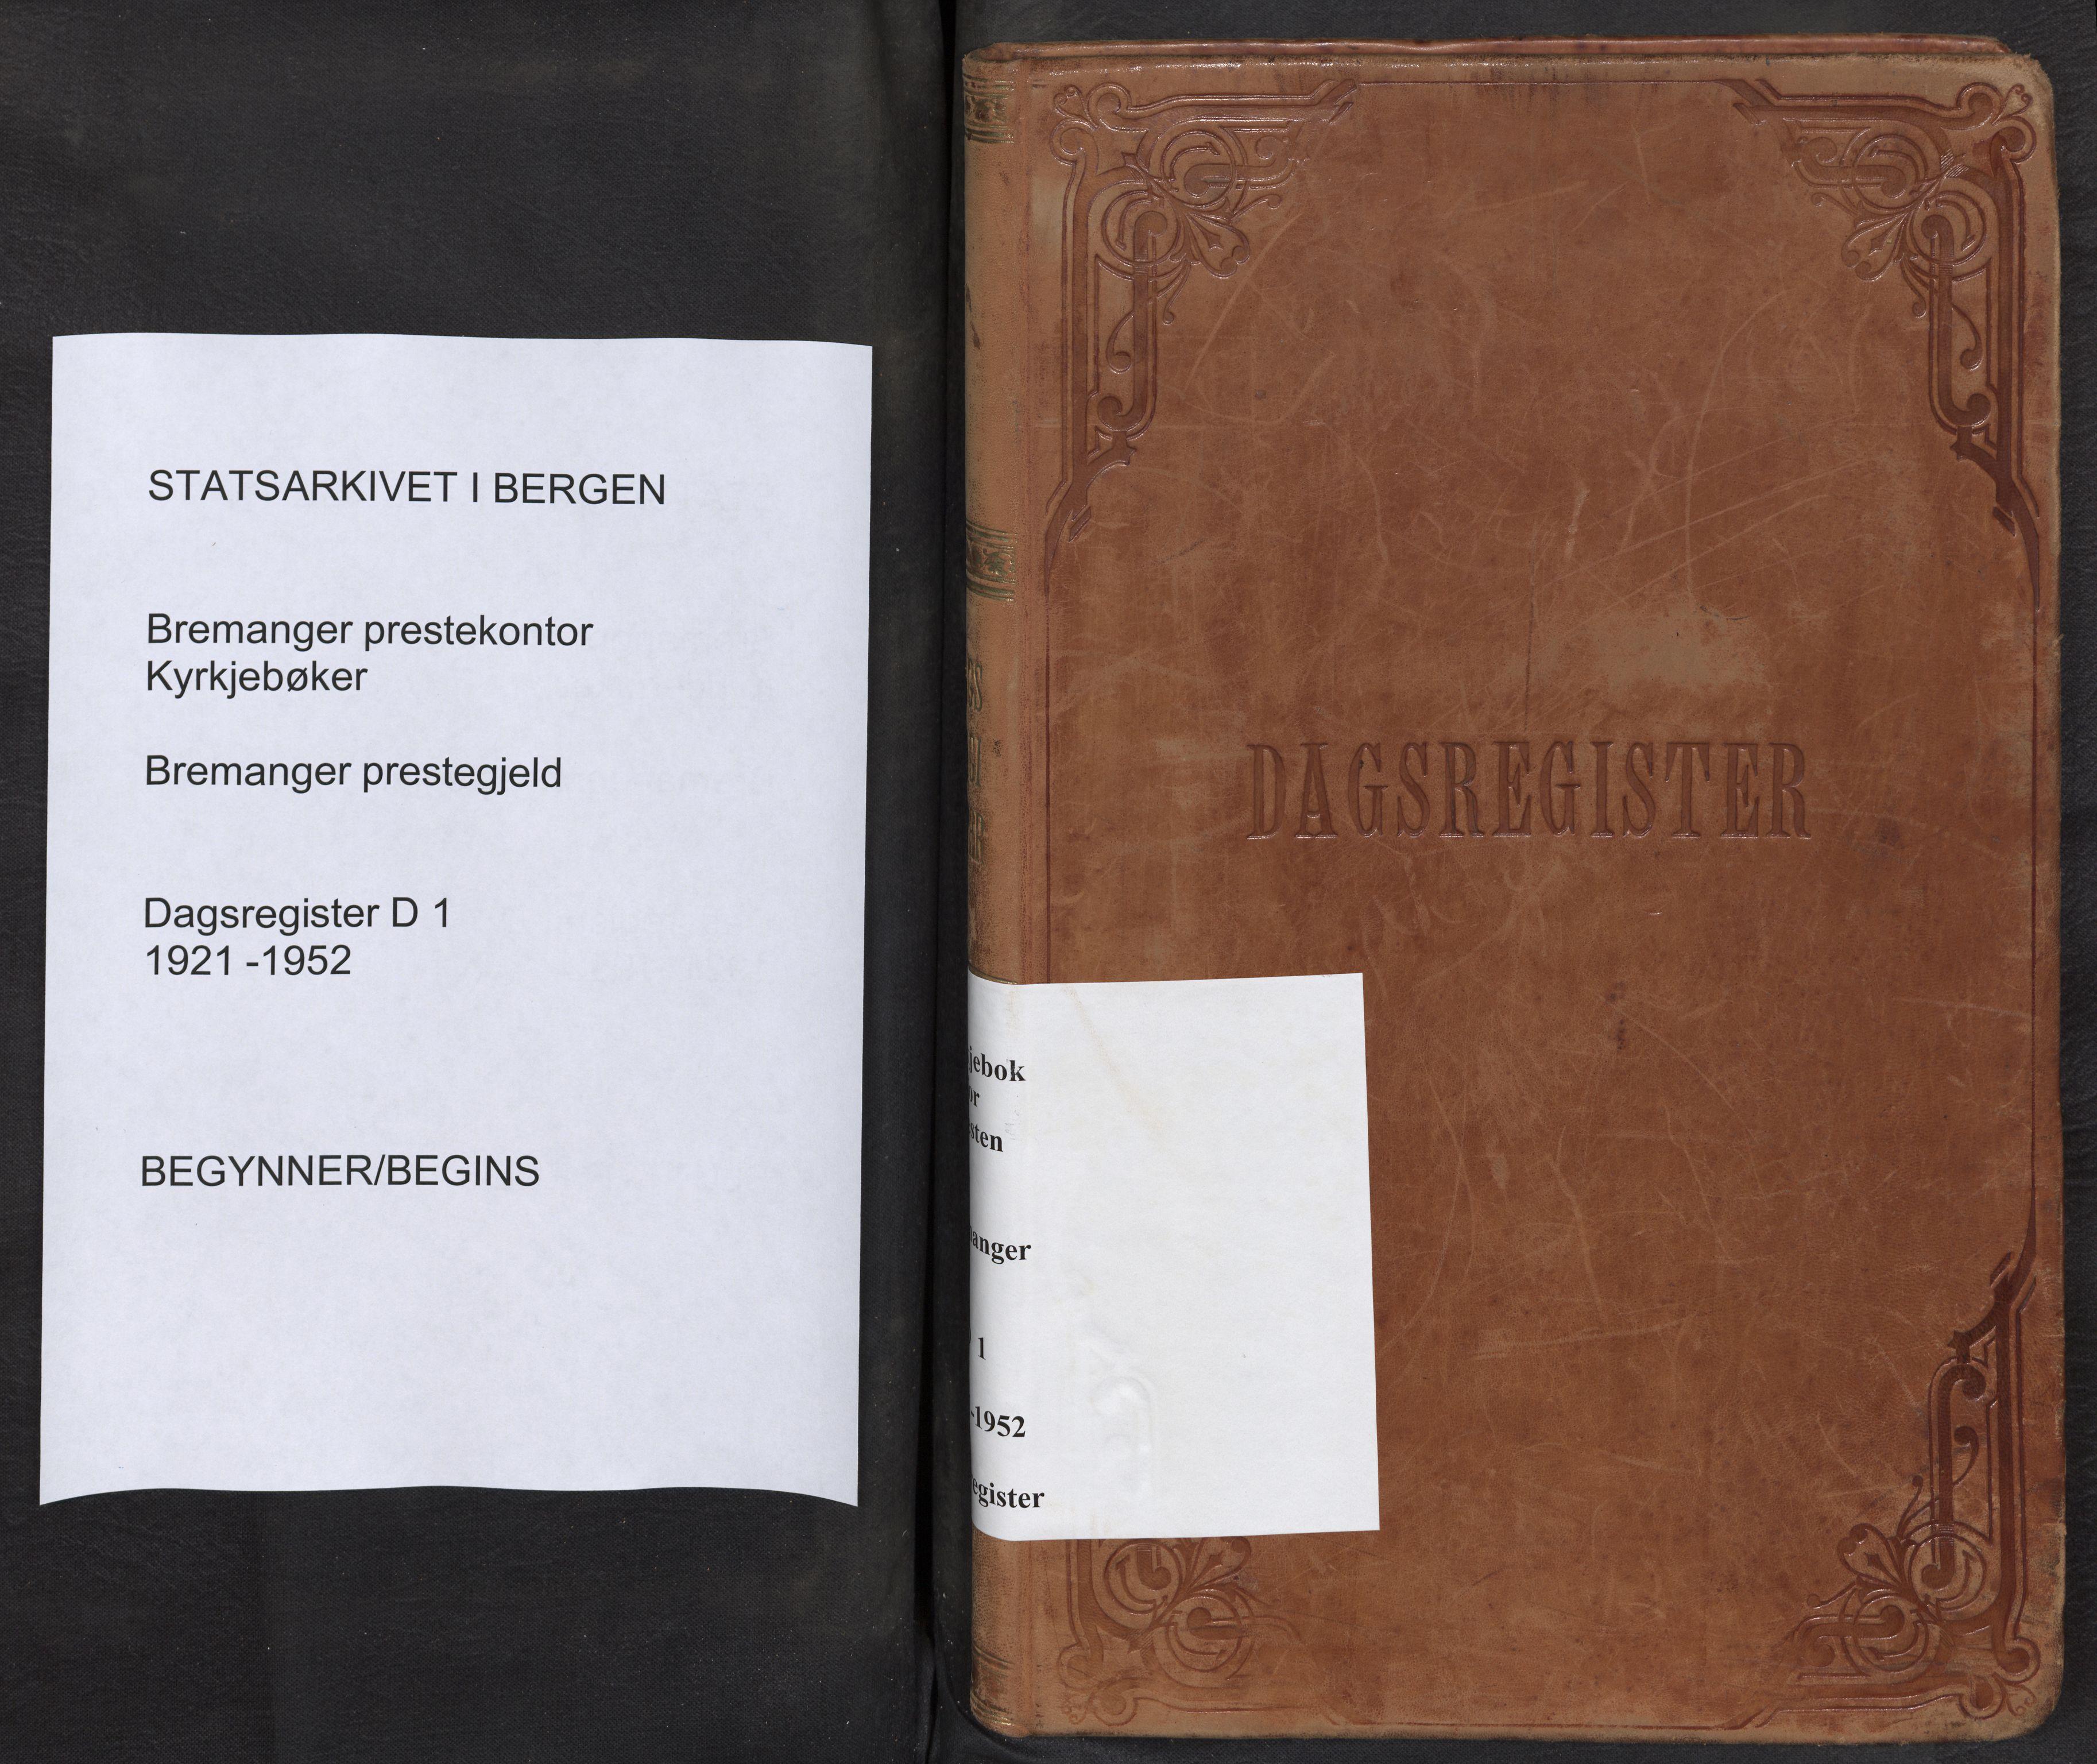 SAB, Bremanger Sokneprestembete, Dagregister nr. D 1, 1921-1952